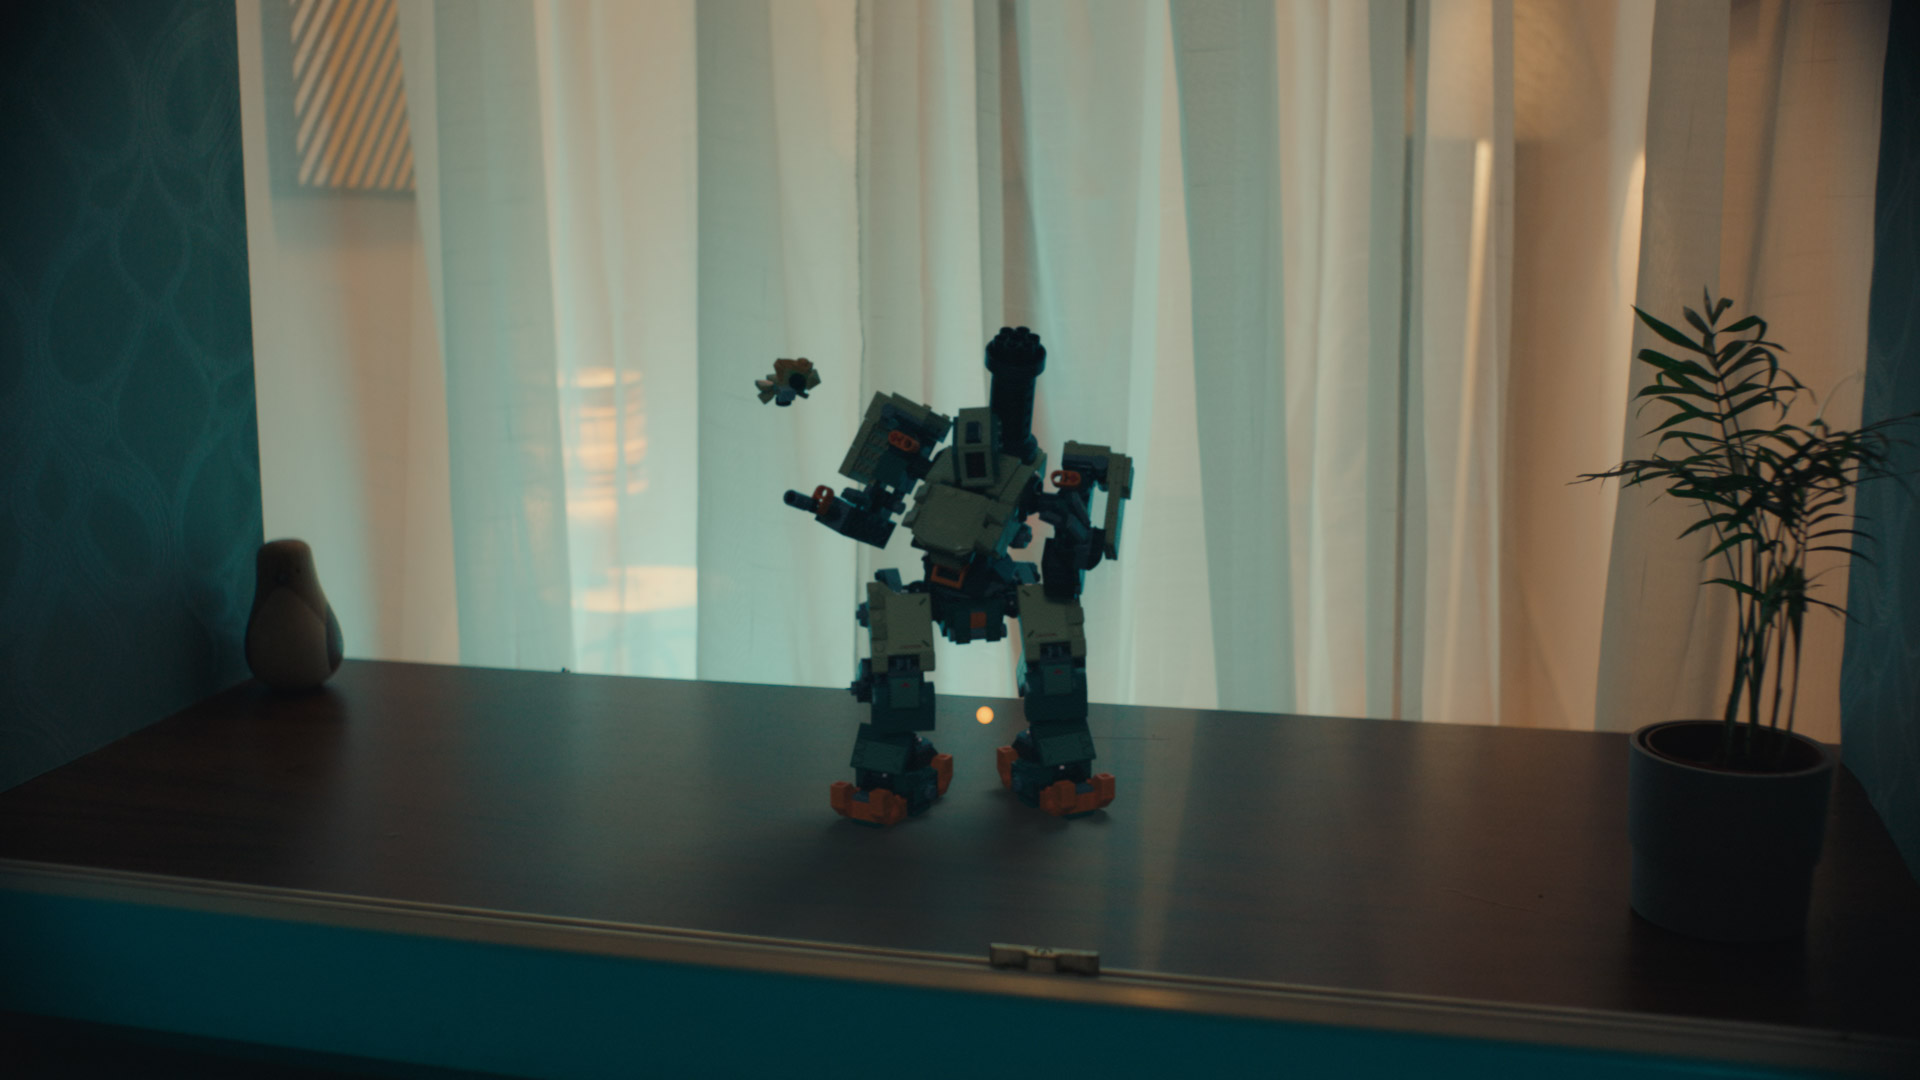 LEGO_OW_91494